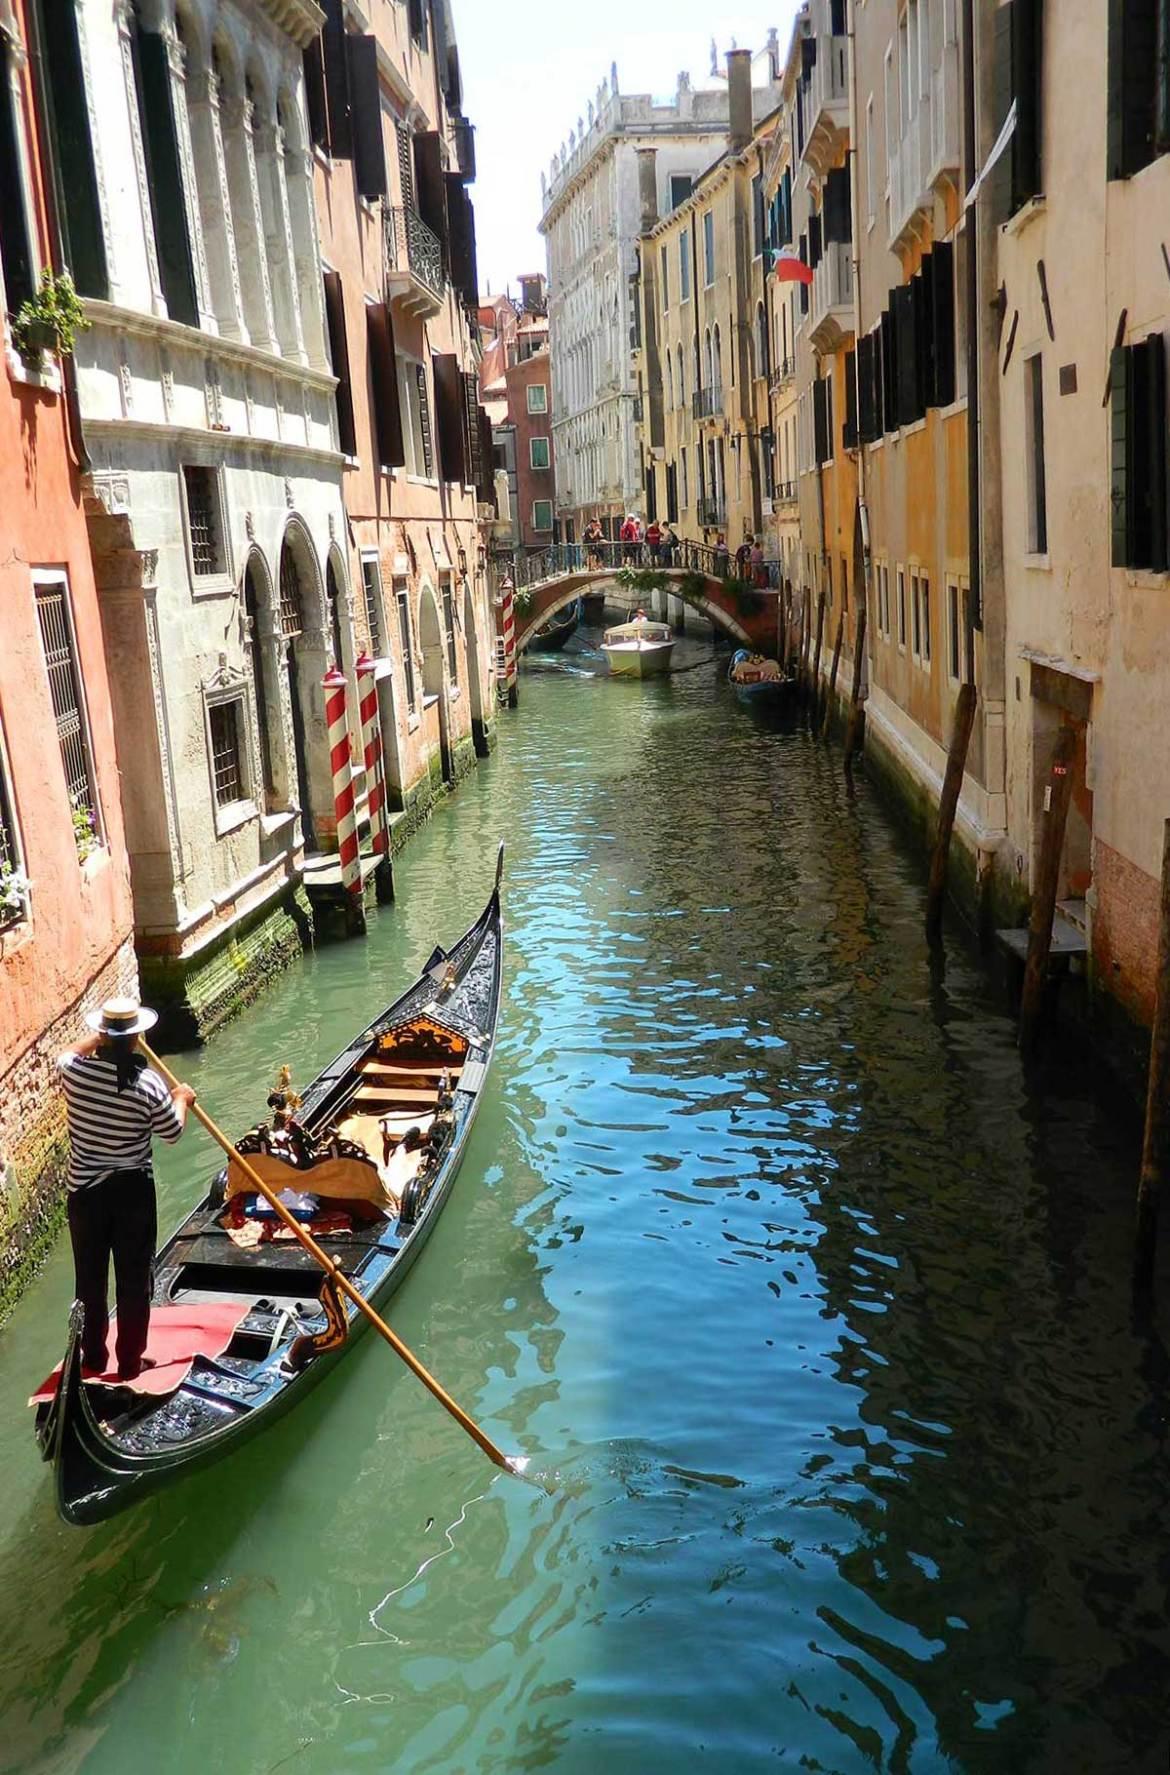 Fotos de viagem - Veneza (Itália)